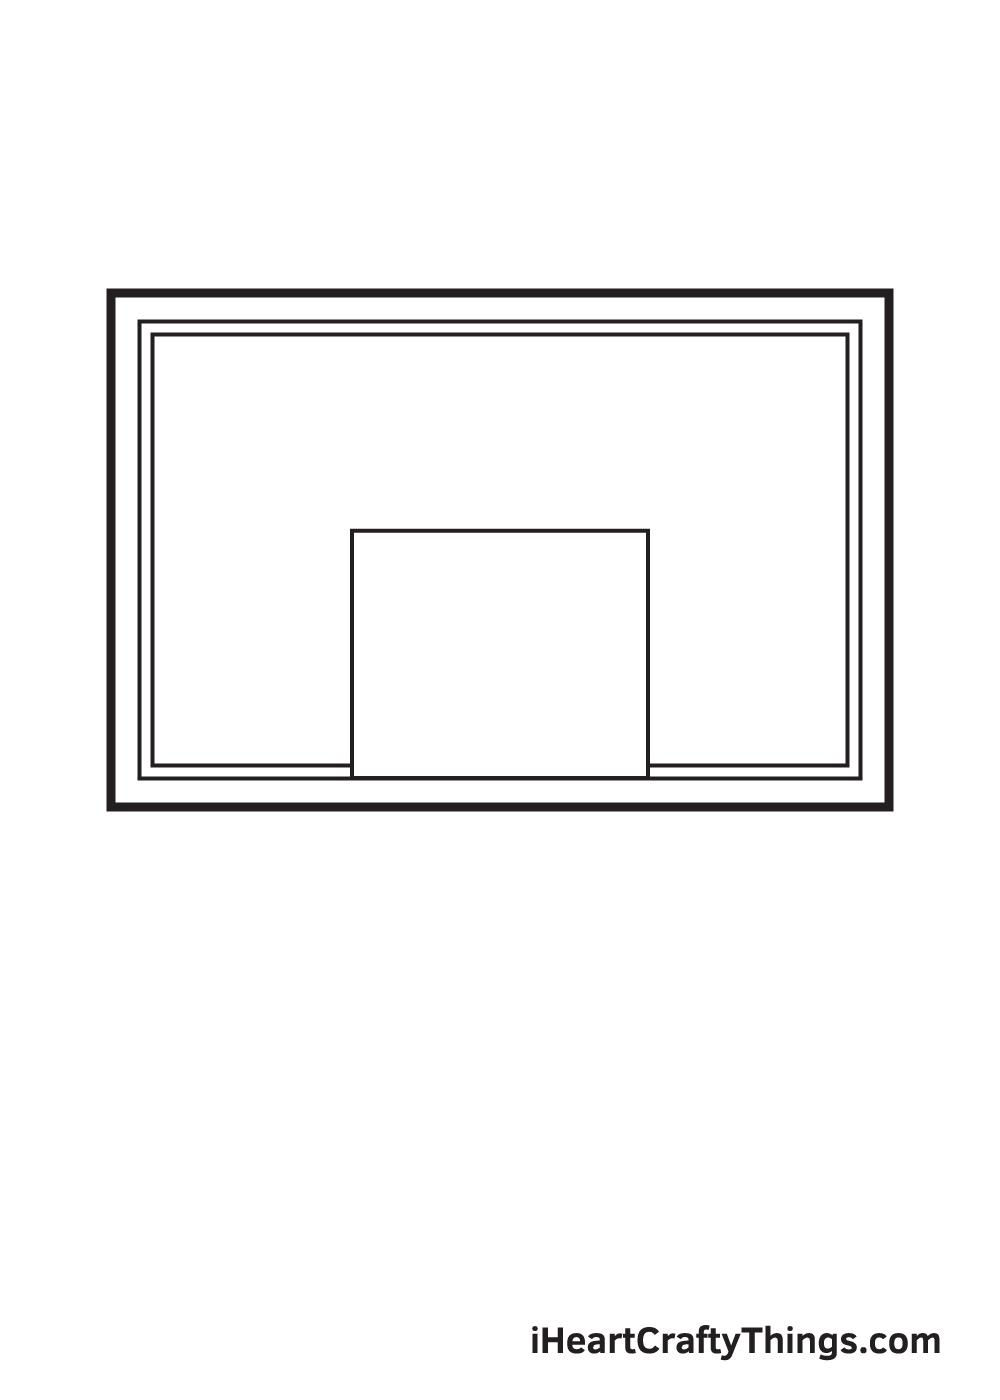 basketball hoop drawing step 3